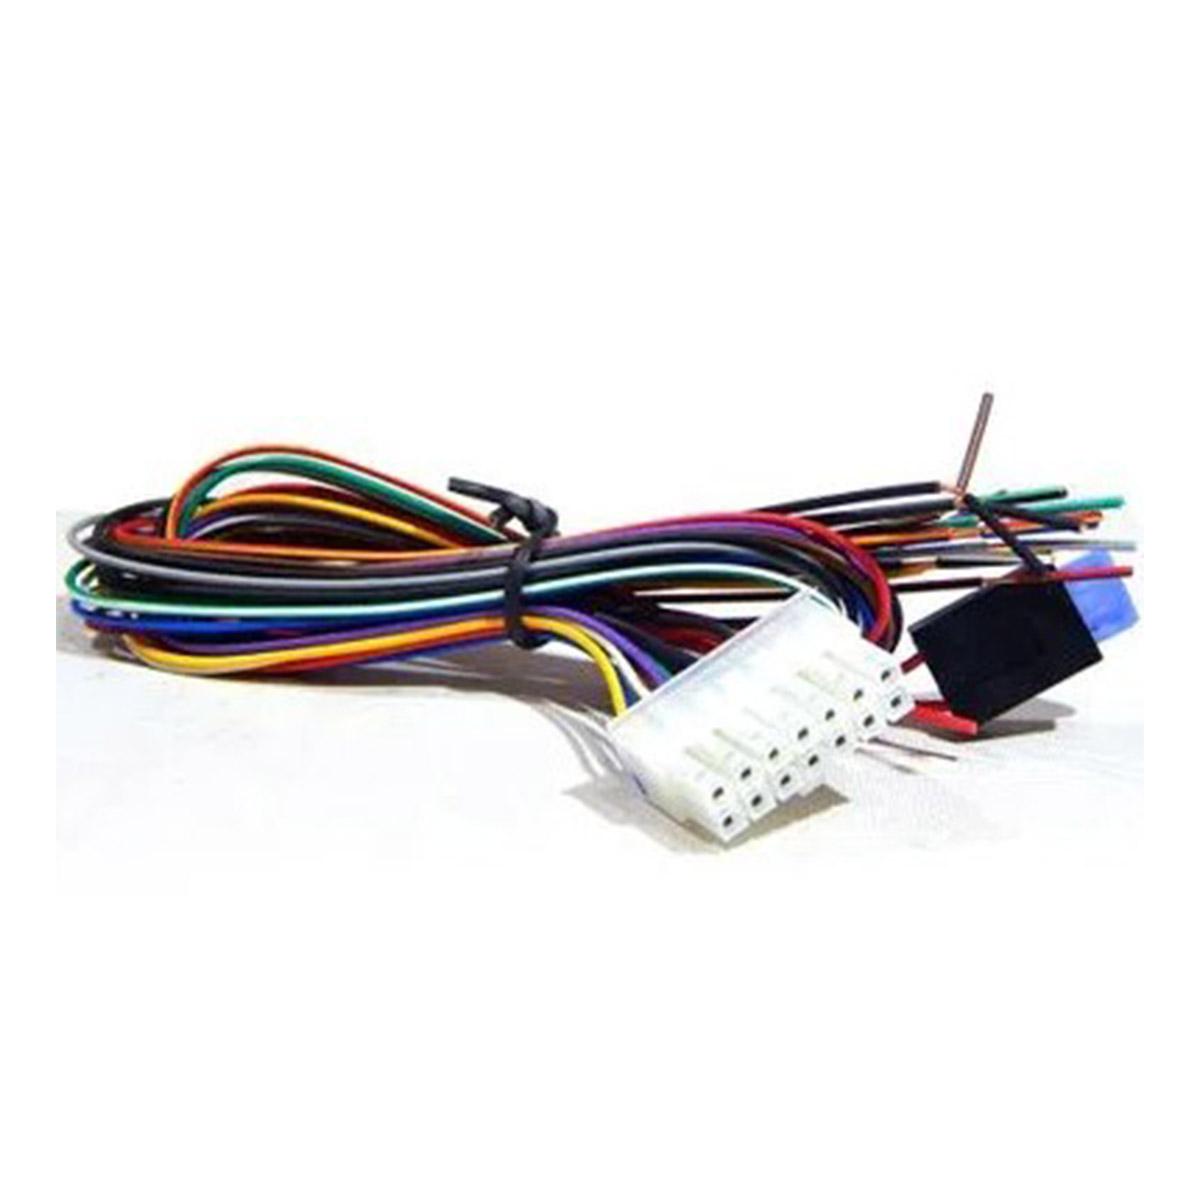 Alarme Específico Para Carros com Chaveador Eletrônico Original FKE515 RF Plus